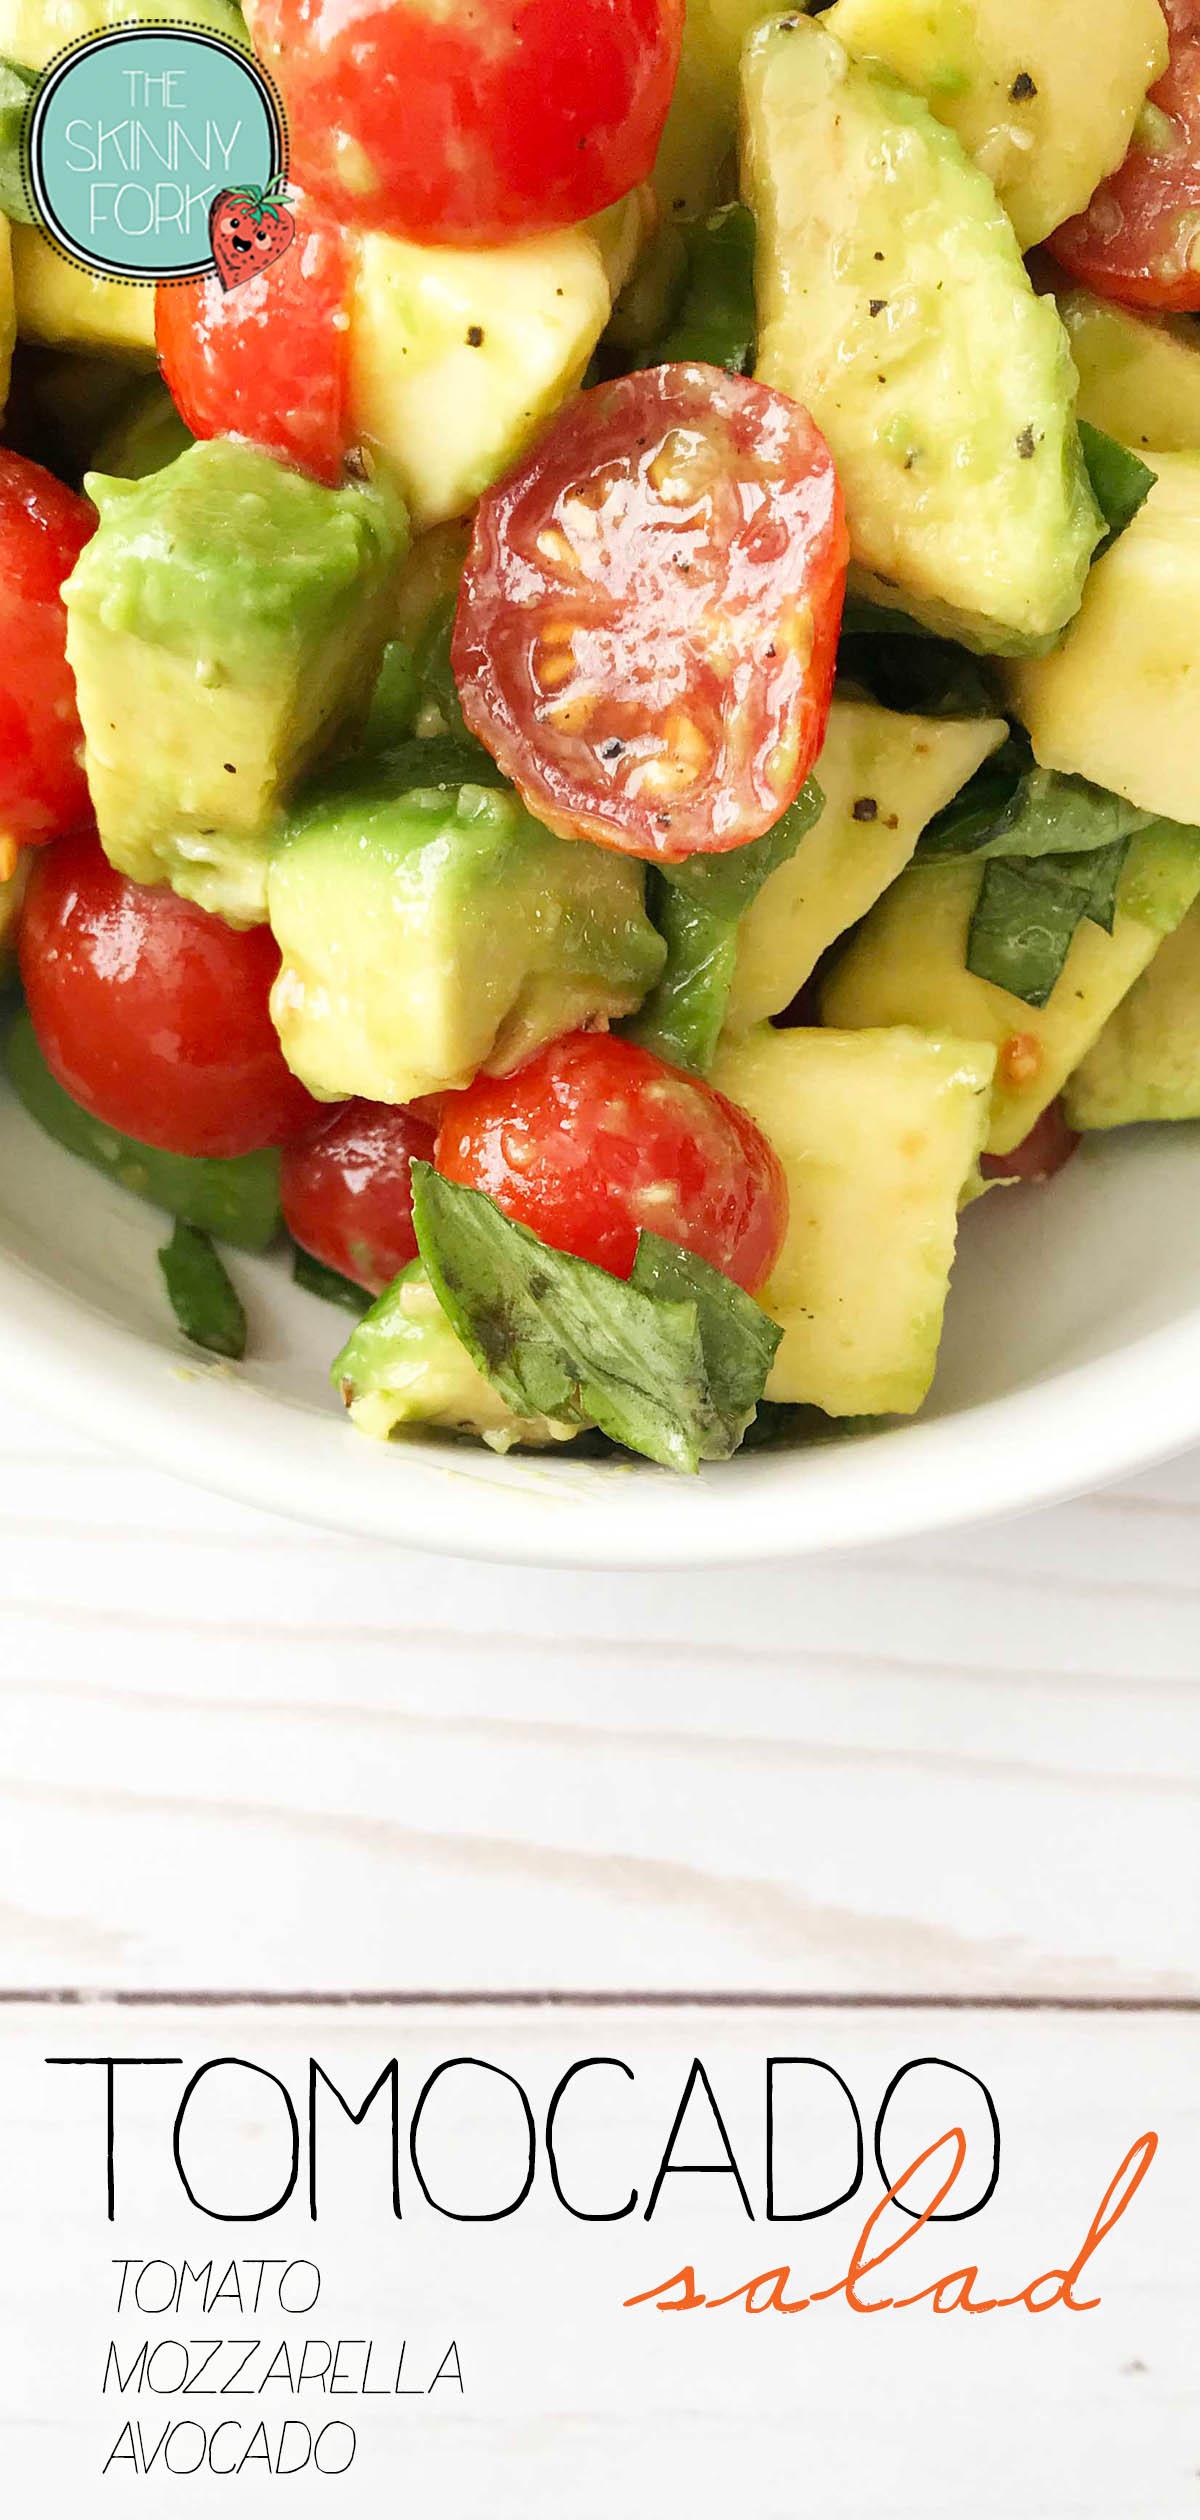 tomocado-salad-pin.jpg